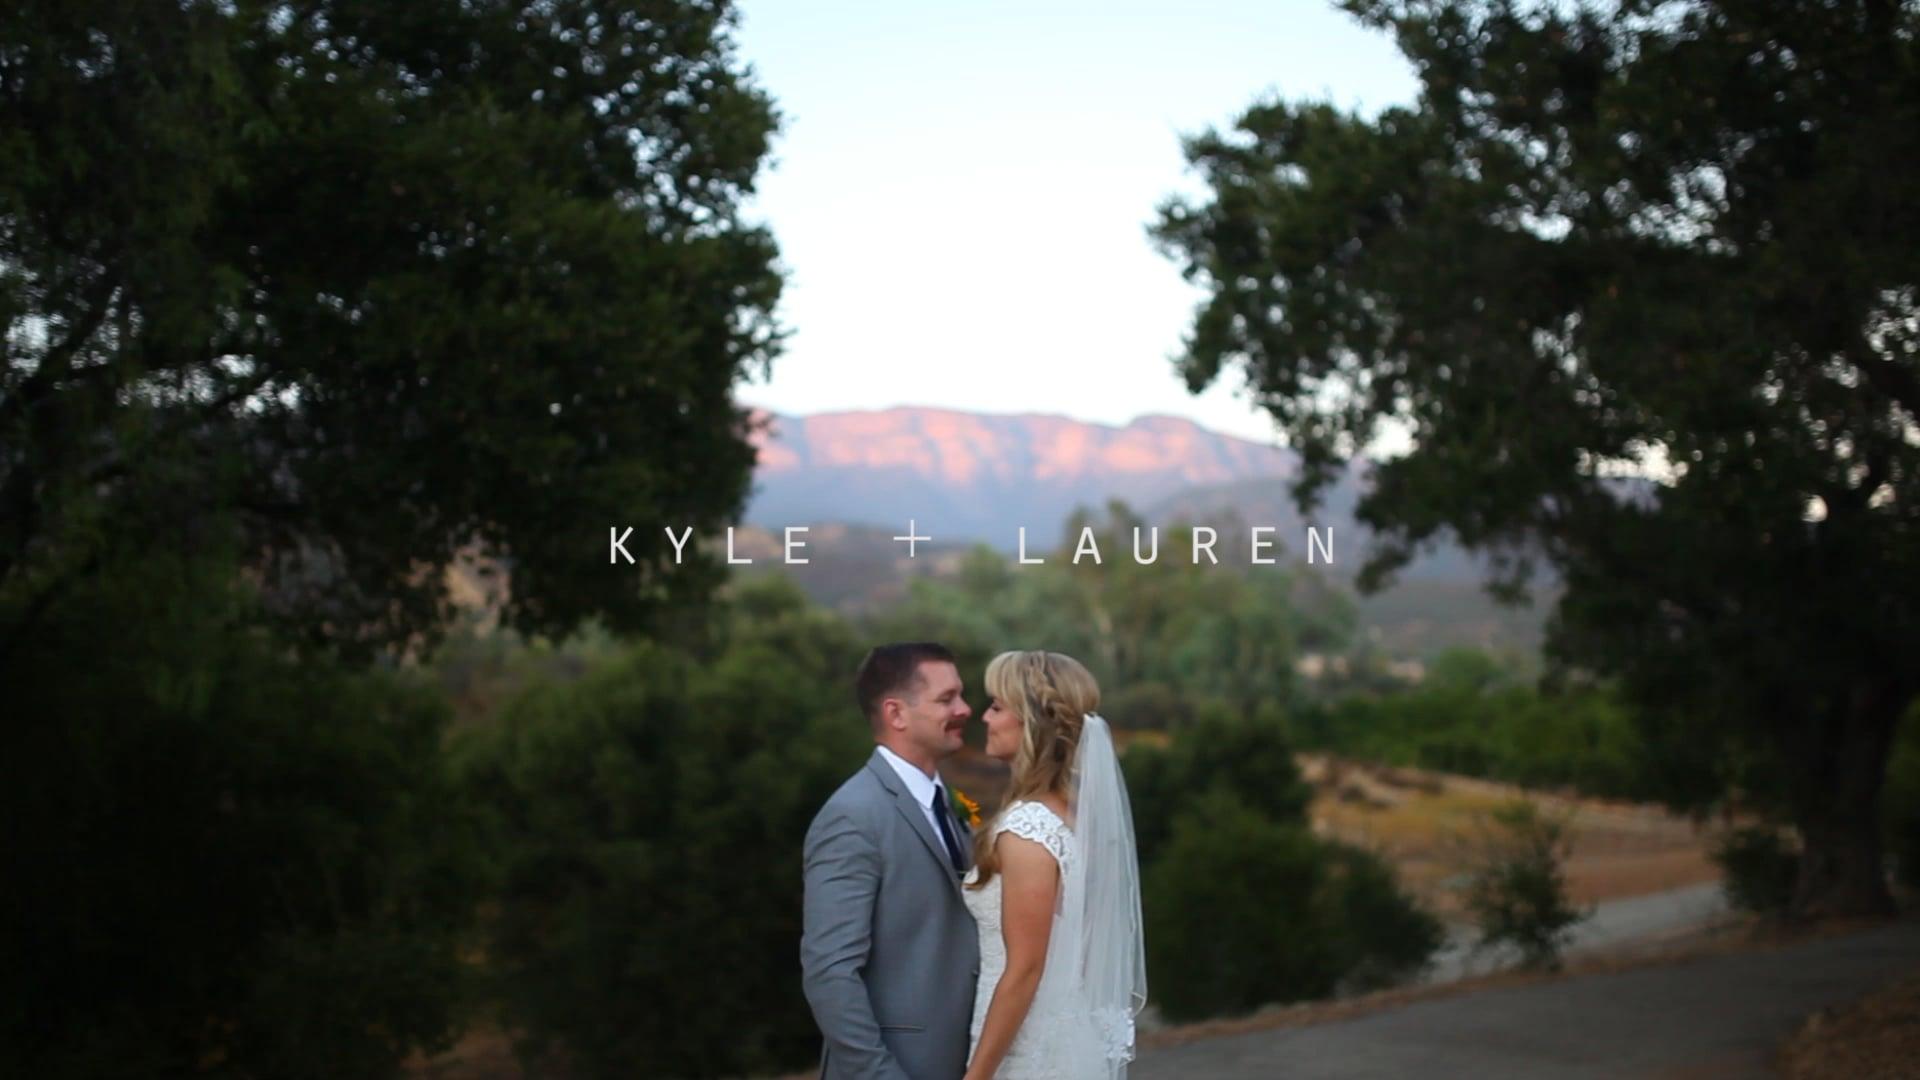 Kyle + Lauren